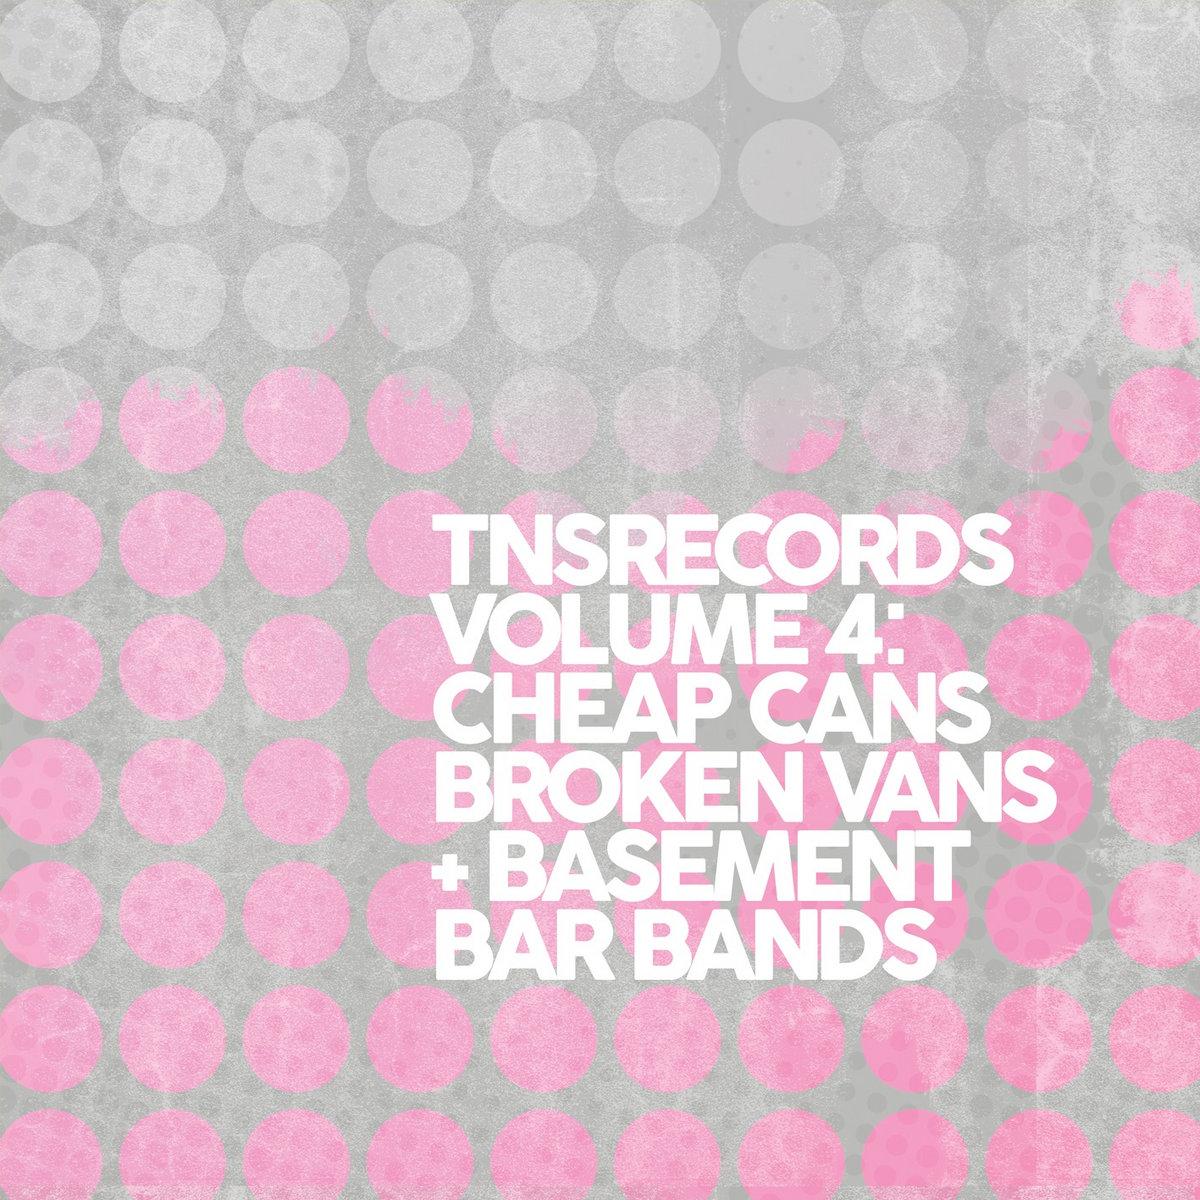 TNSrecords Vol.4: 'Cheap Cans, Broken Vans and Basement Bar Bands'